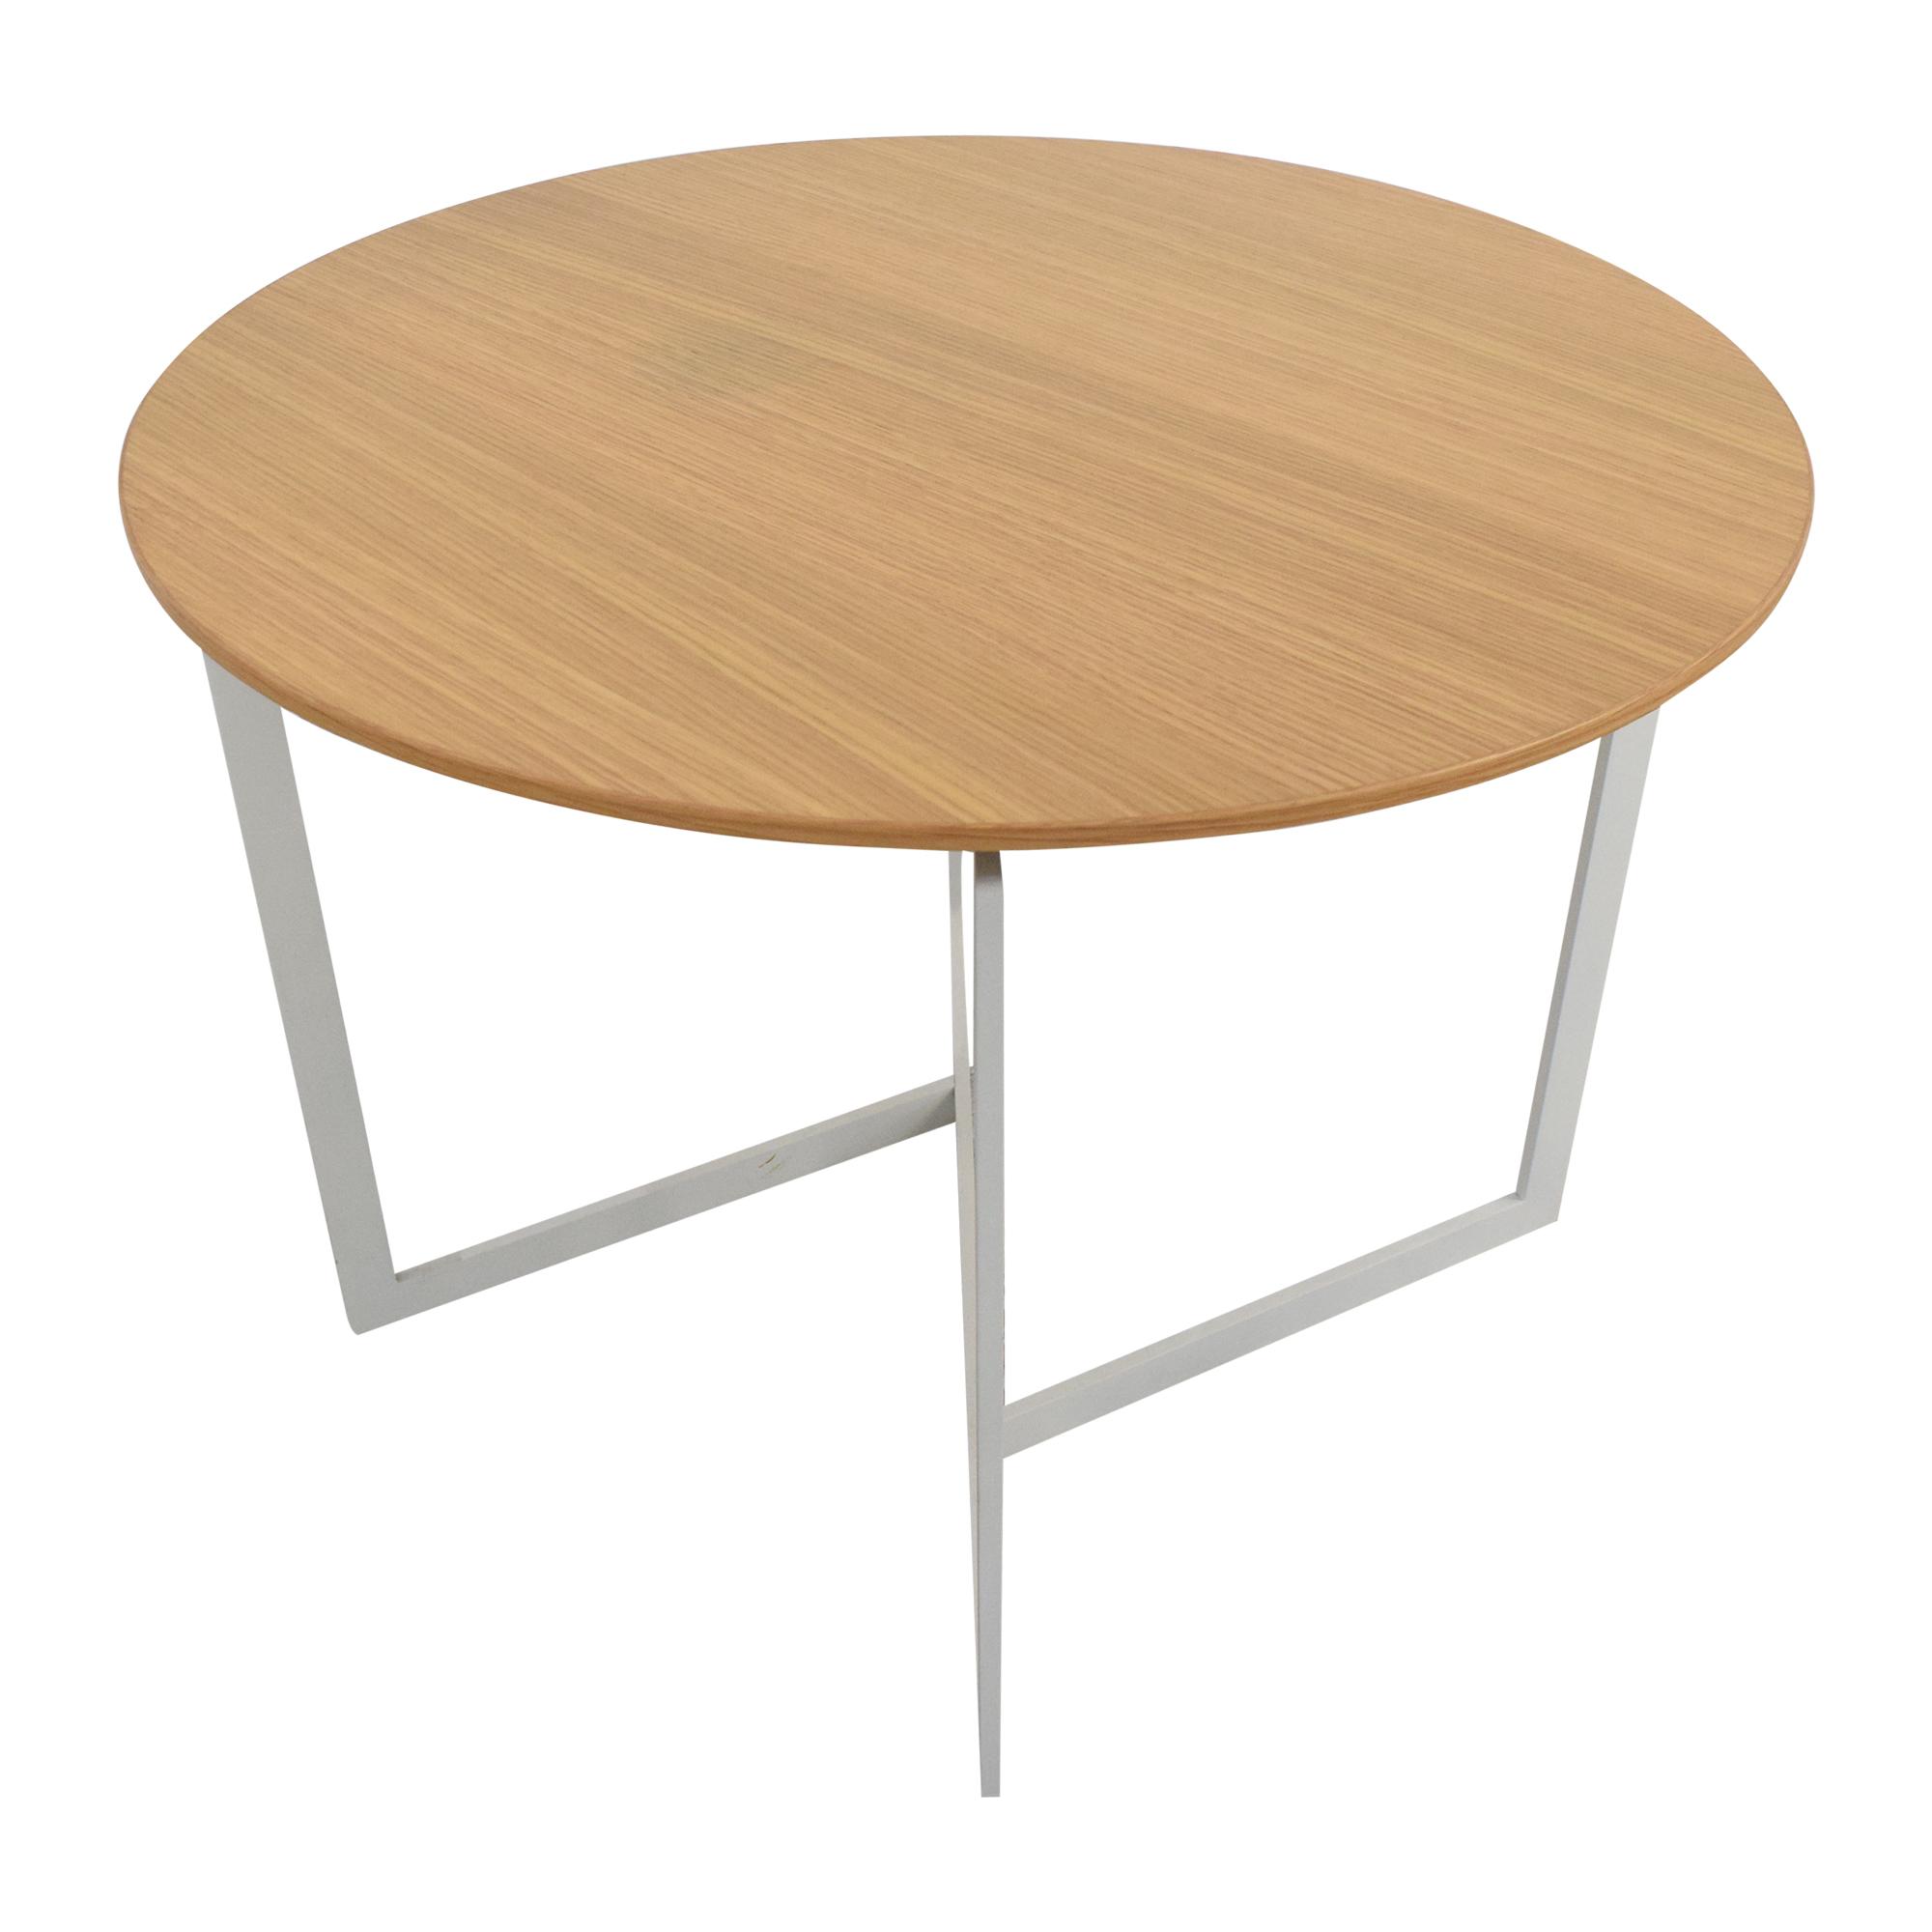 Koleksiyon Koleksiyon Terna Dining Table pa